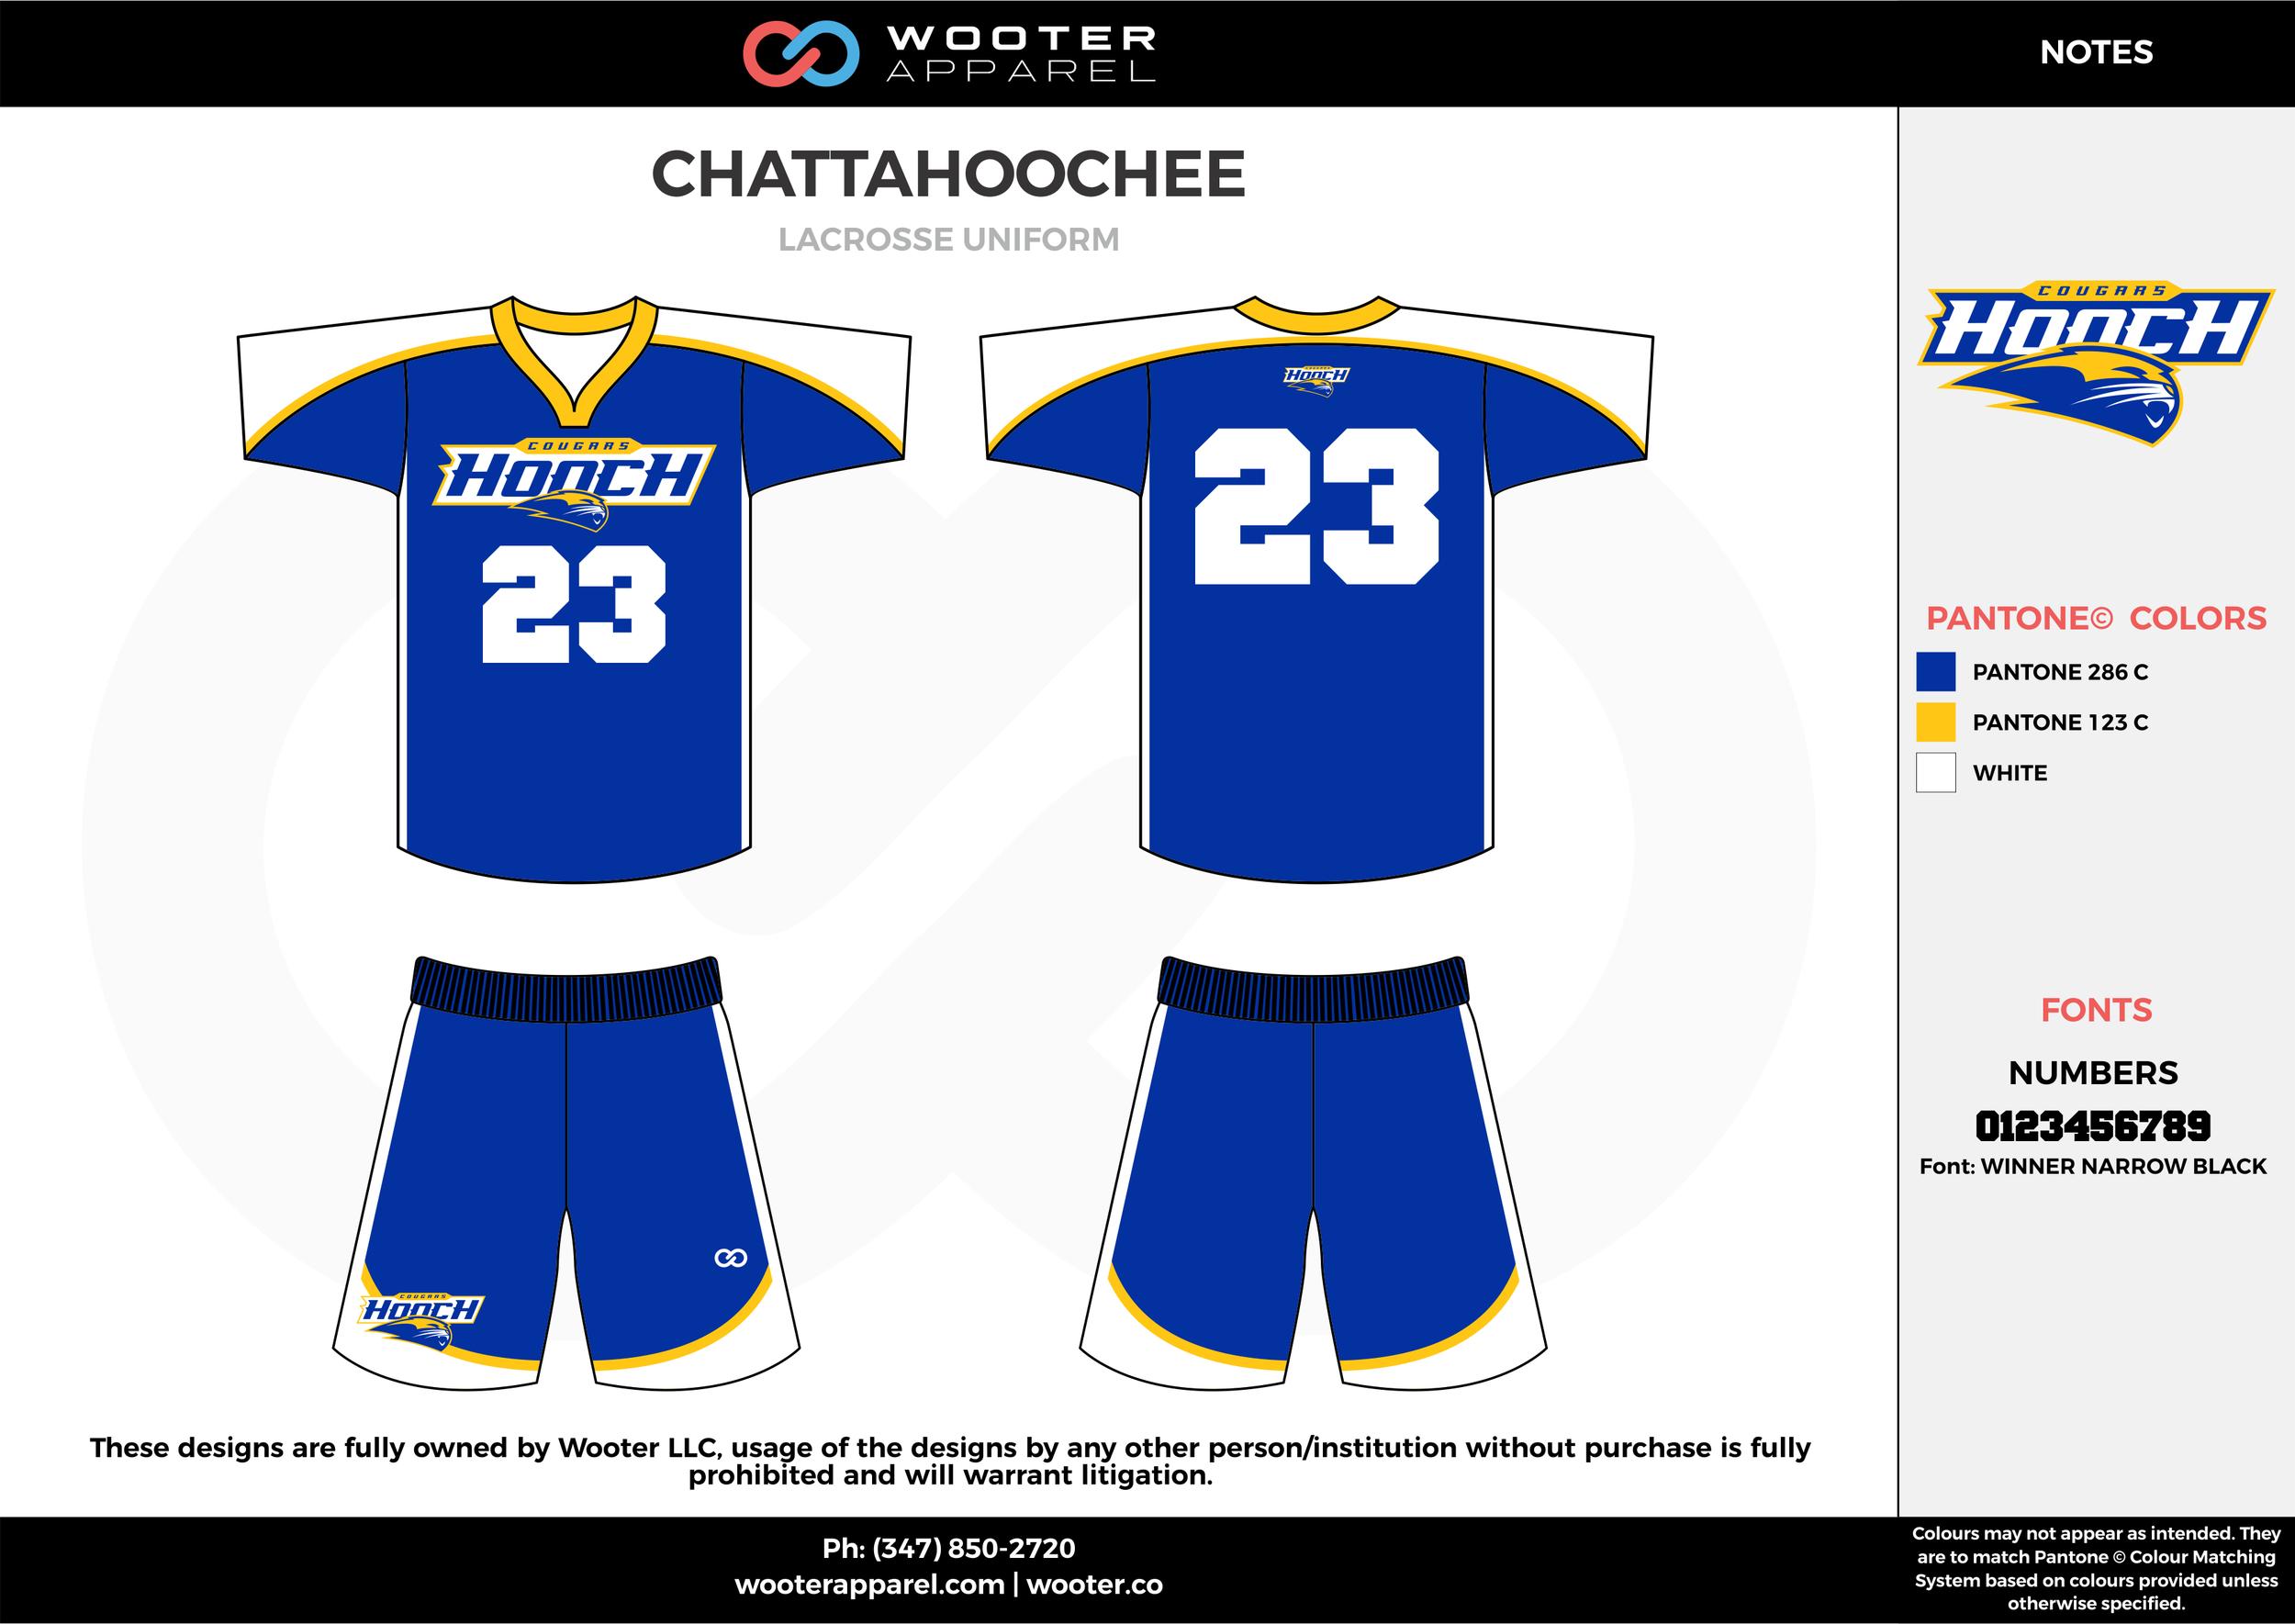 CHATTAHOOCHEE blue white yellow Lacrosse uniforms jerseys shirts shorts